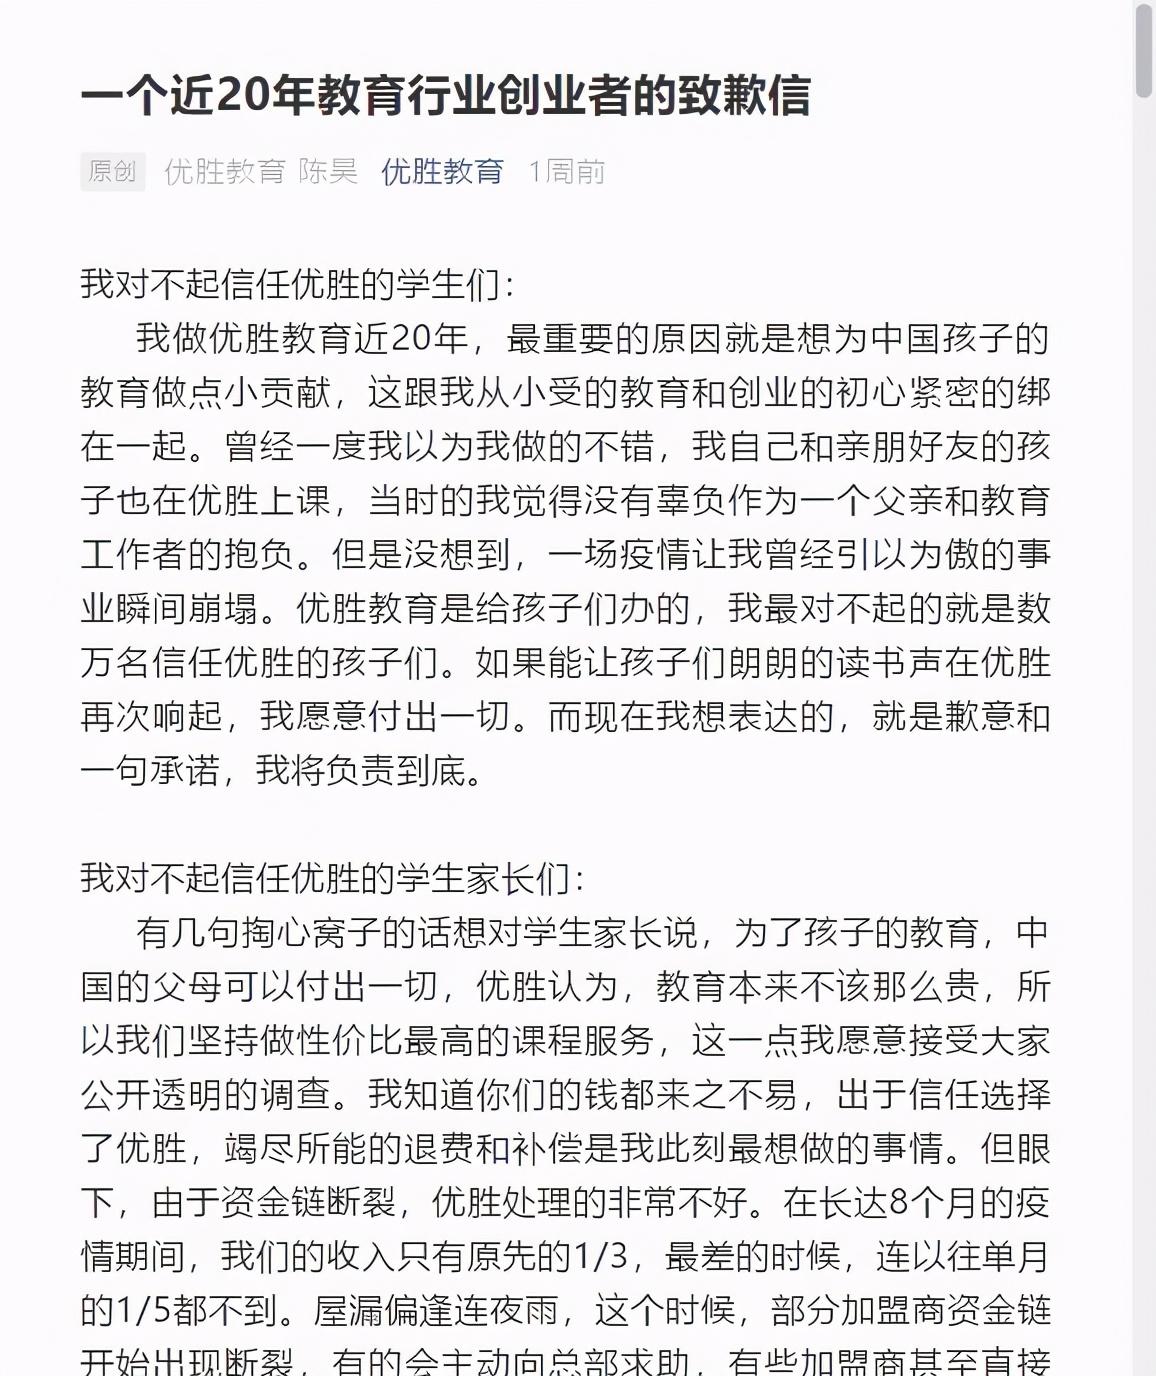 """知名教育机构""""爆雷""""!资金链断裂 创始人喊话马云"""